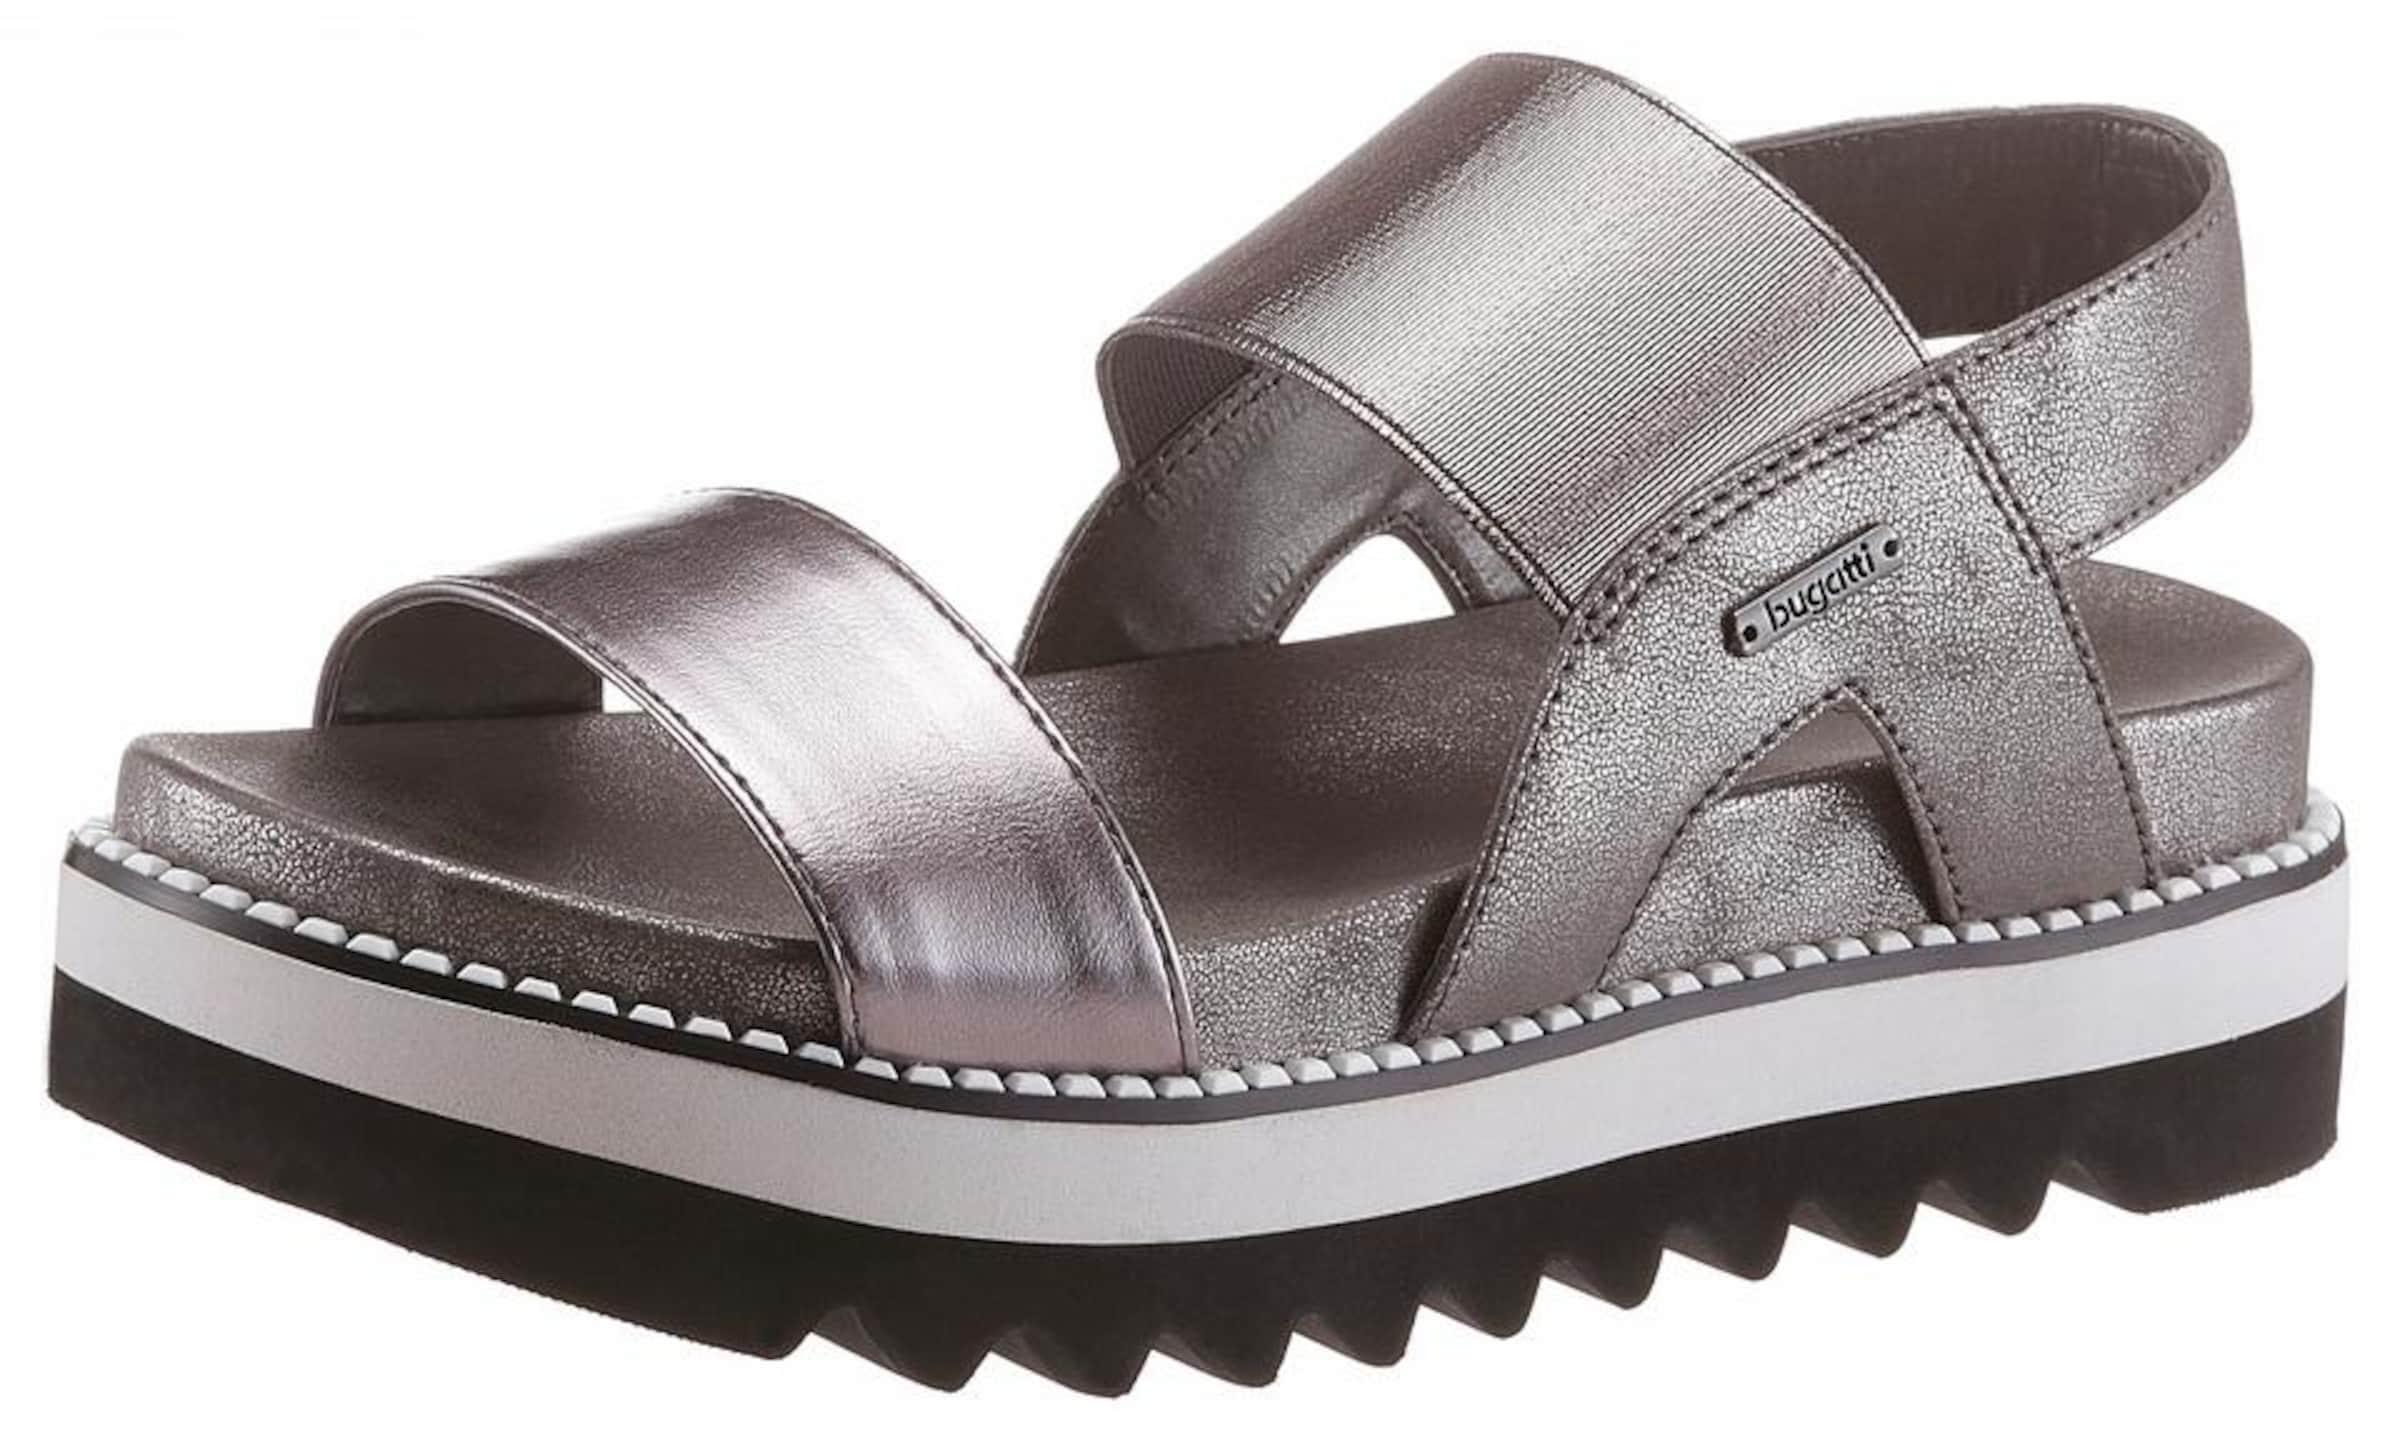 bugatti Sandalette Verschleißfeste billige Schuhe Hohe Qualität